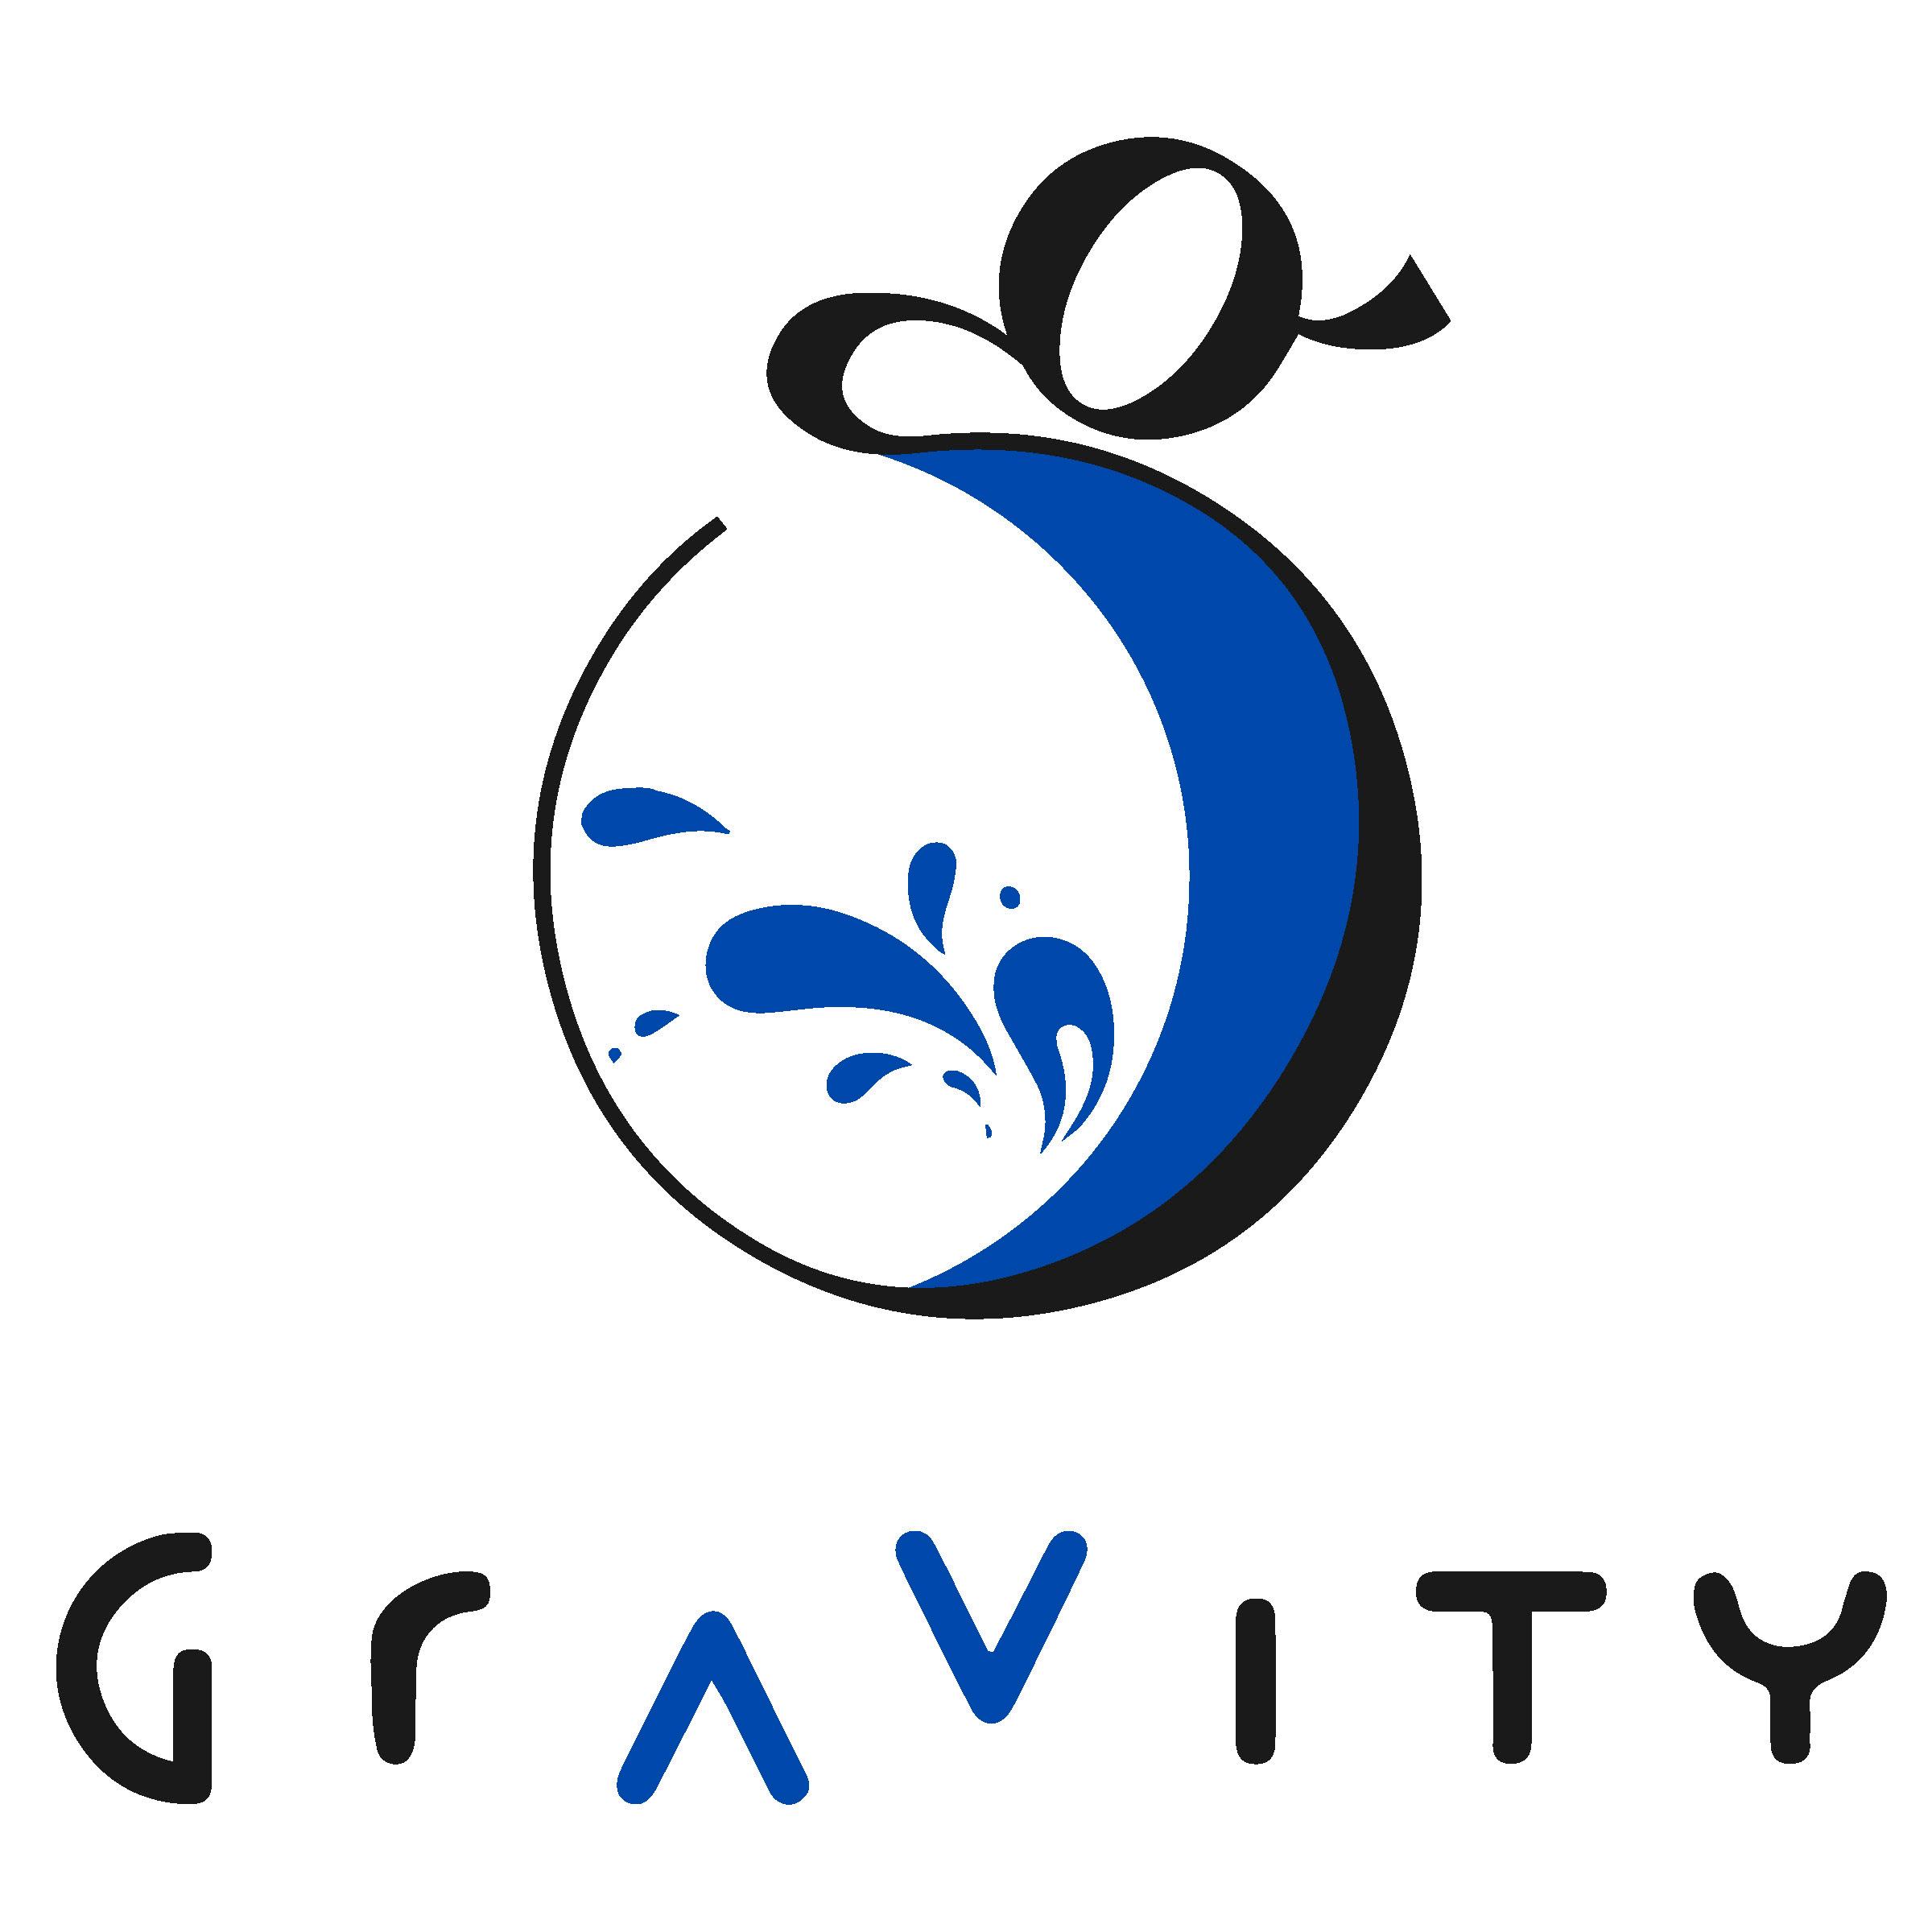 Gravity Wine